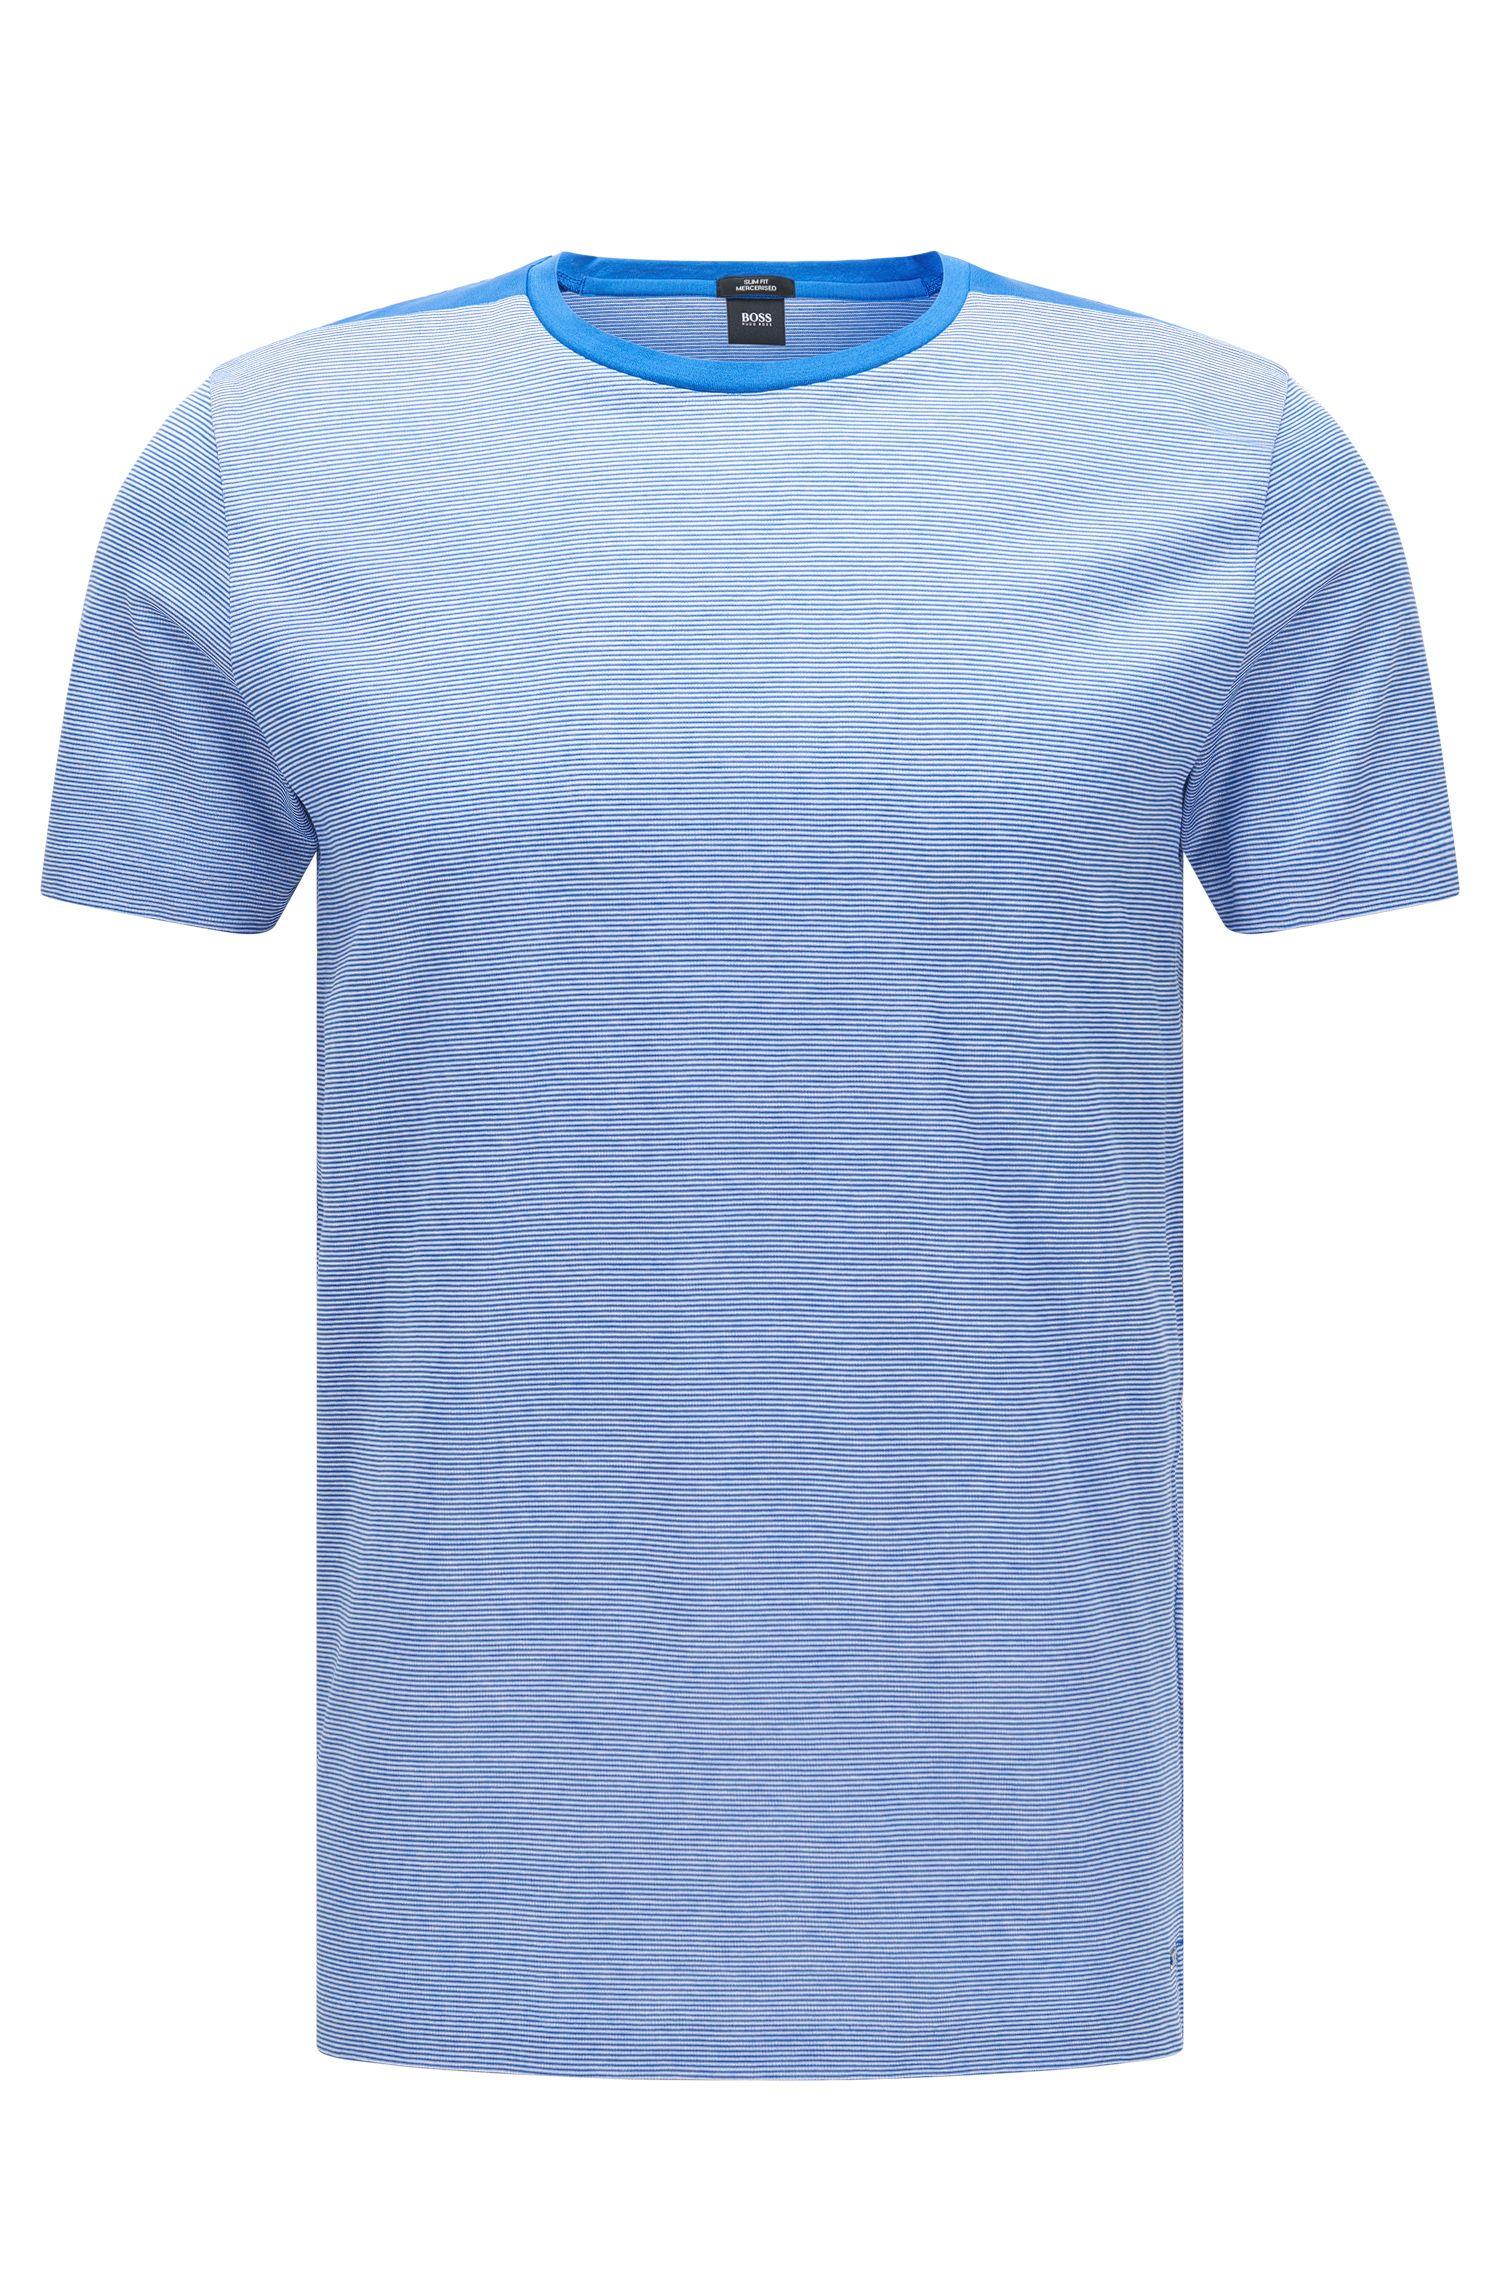 Mercerized Cotton T-Shirt | Tessler